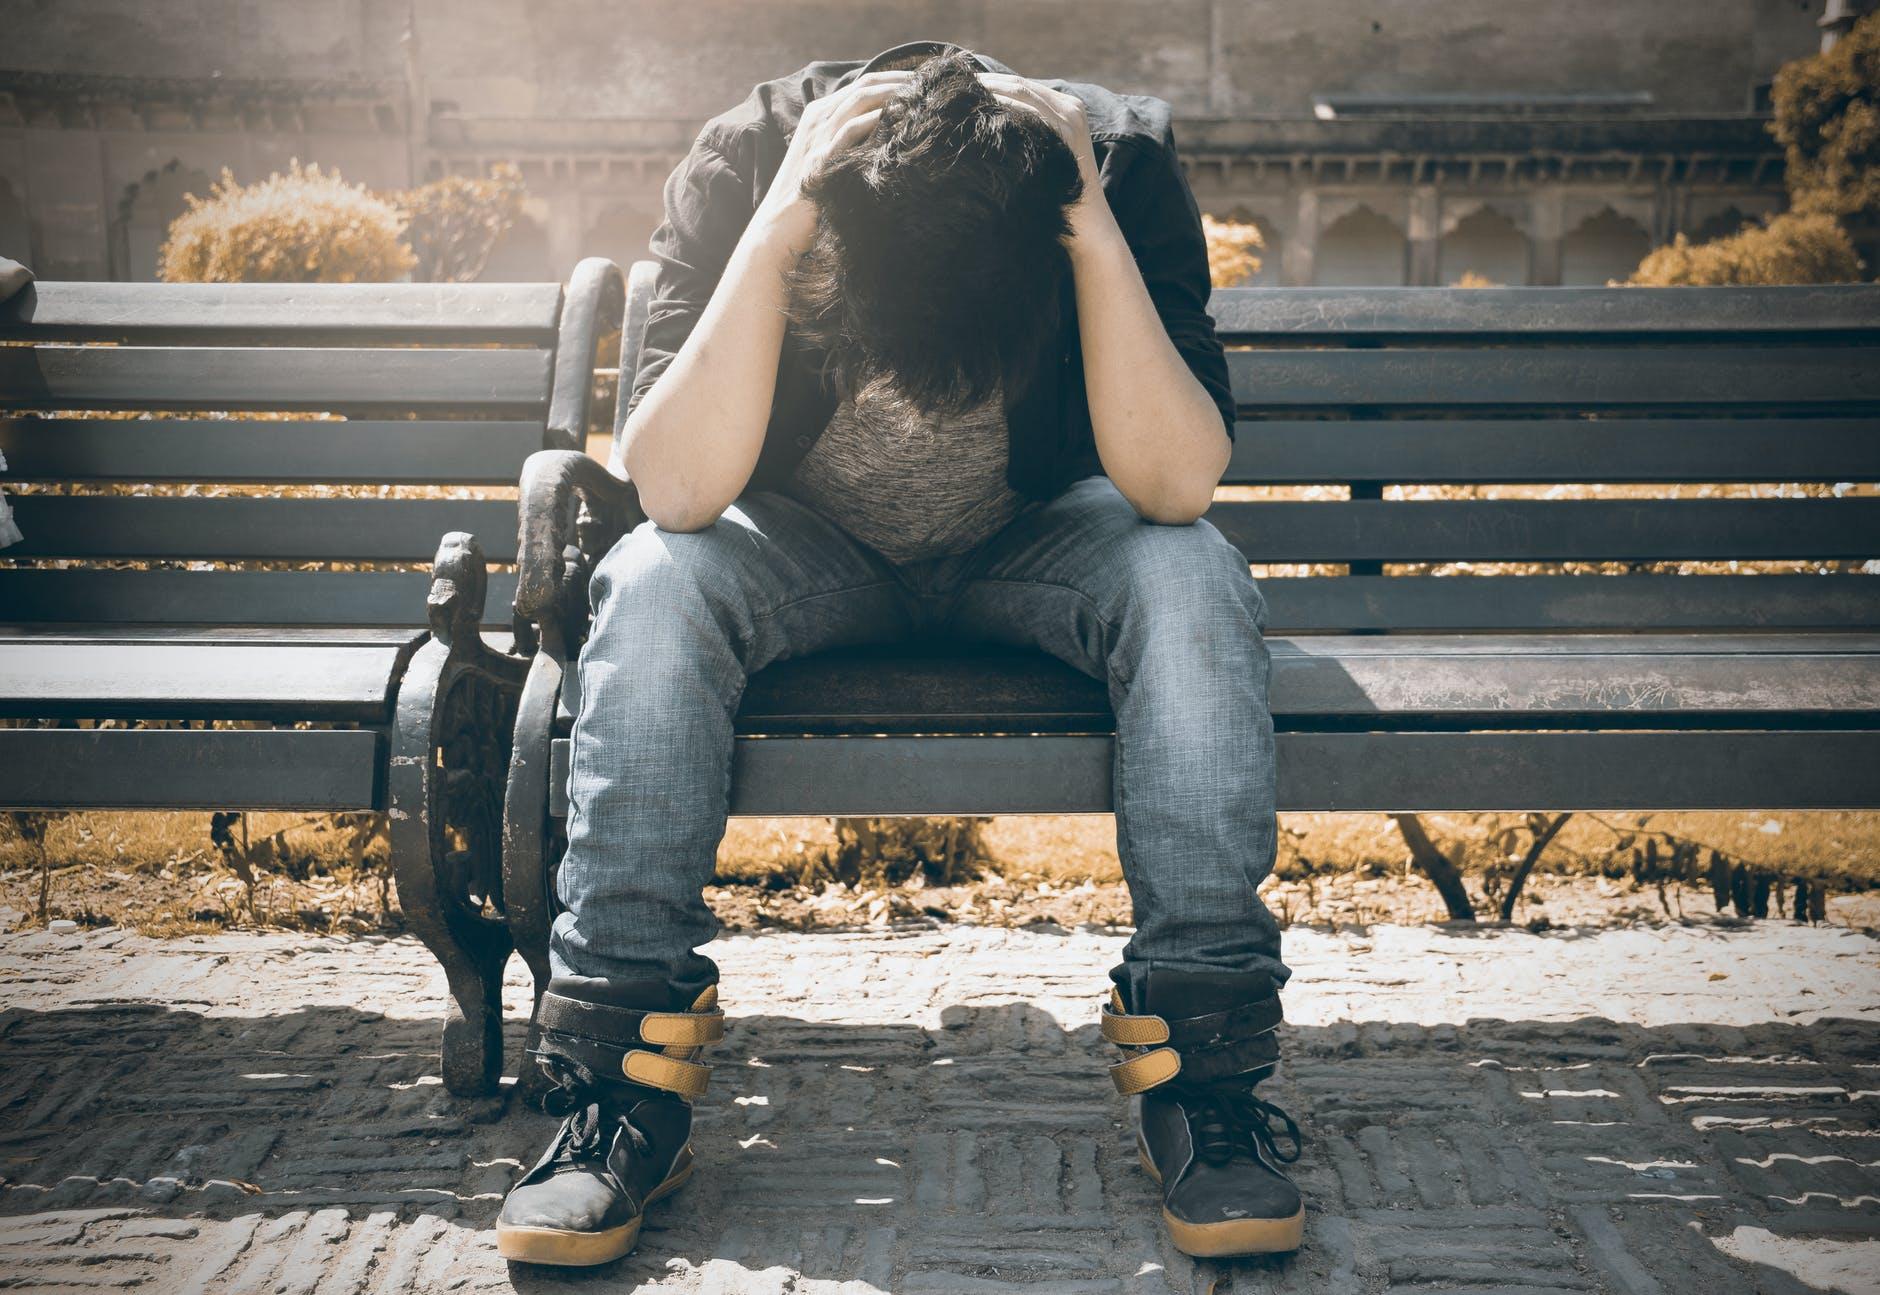 homme en chemise noire et pantalon en denim gris assis sur un banc rembourre gris